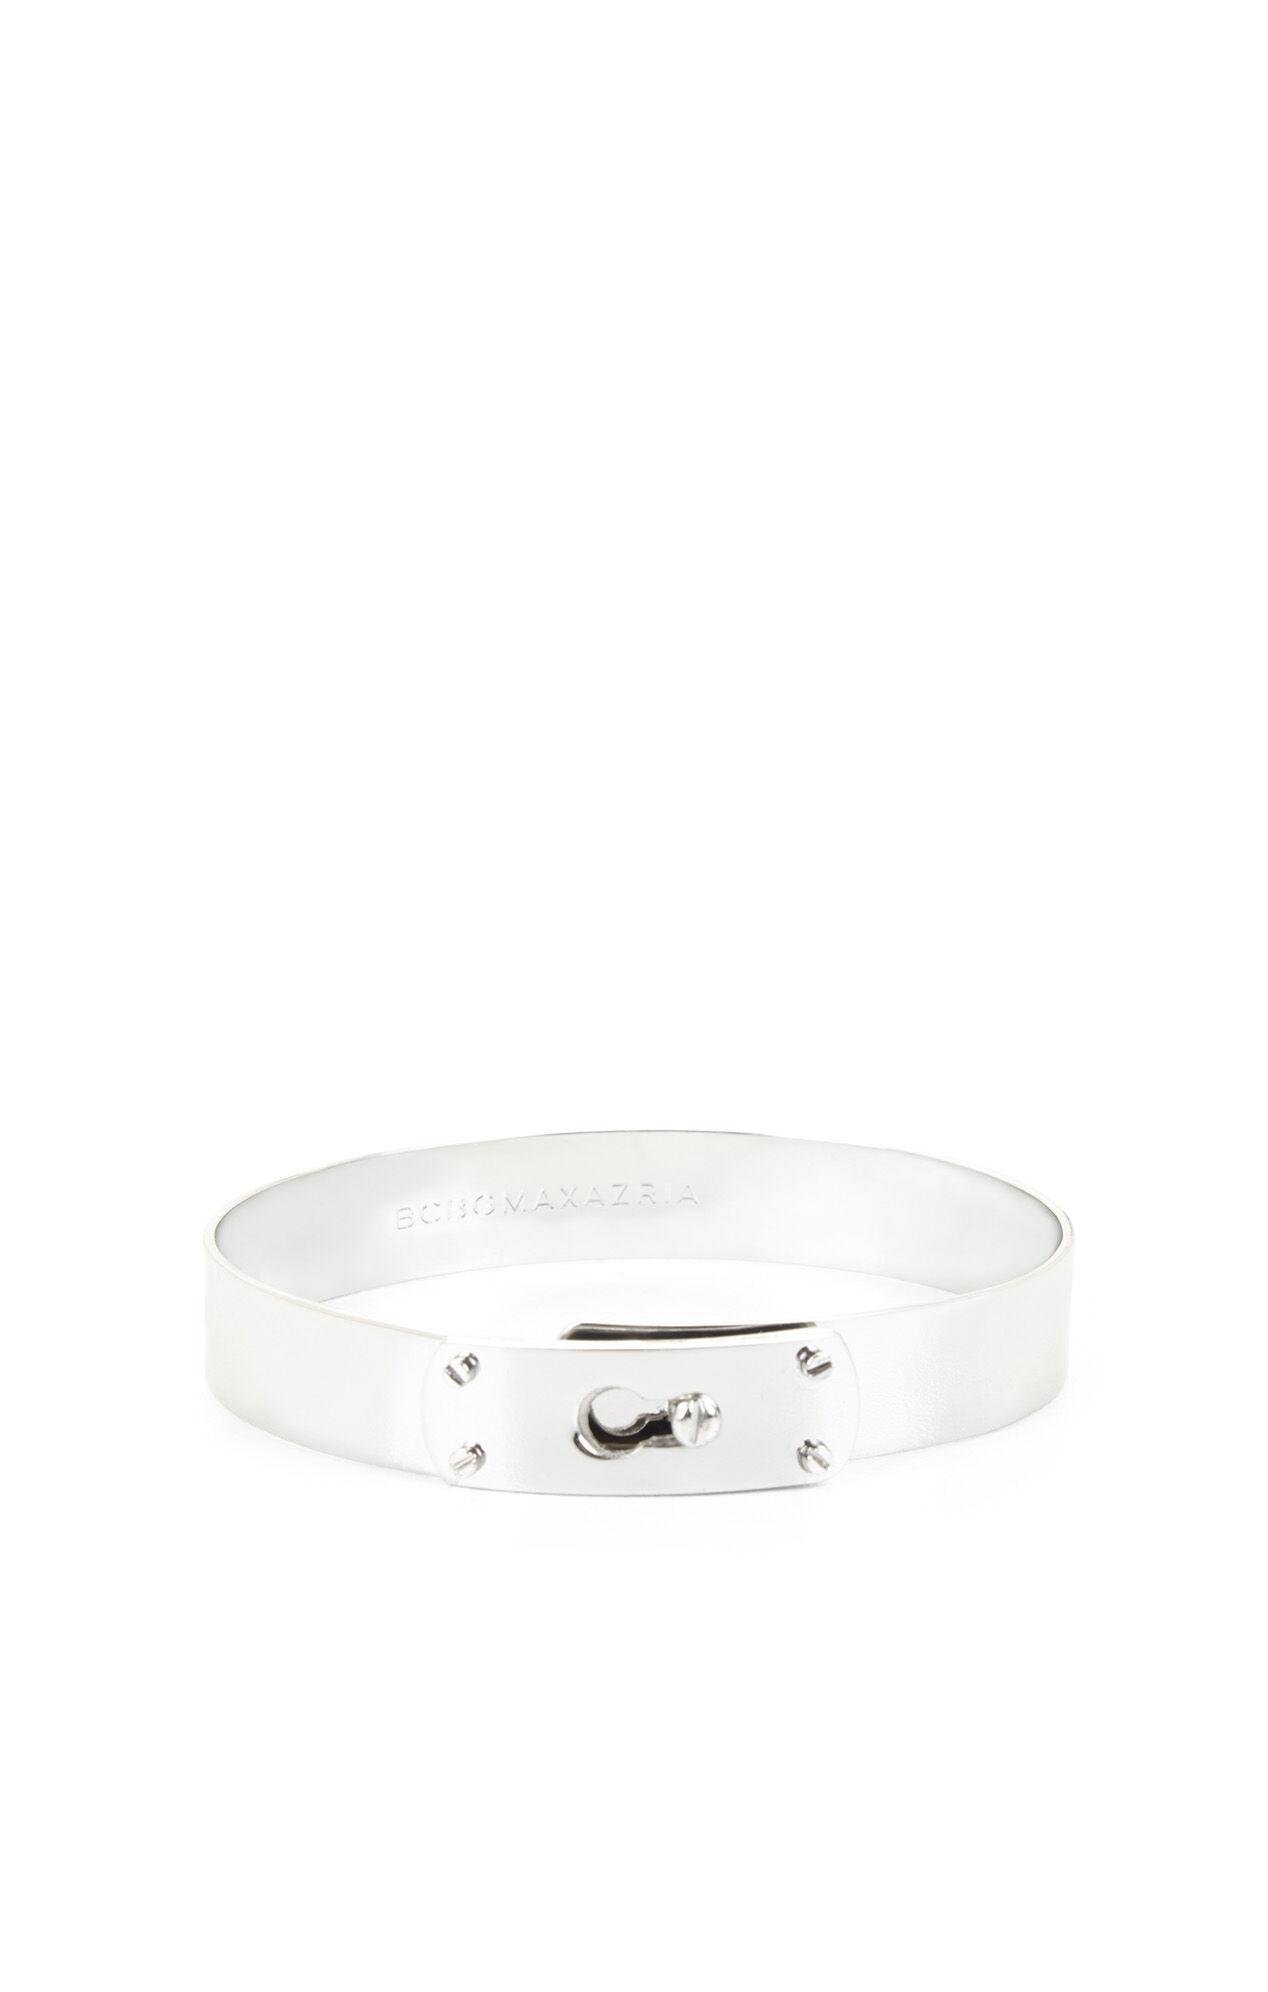 Locking Metal Bracelet